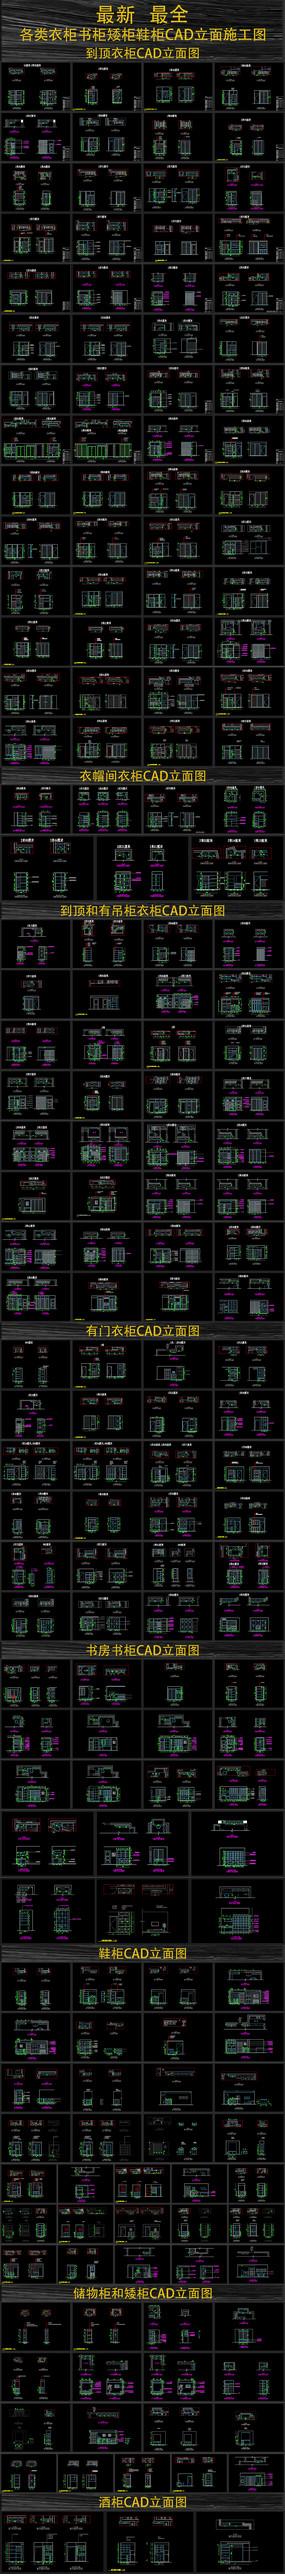 各类柜子CAD立面施工图设计